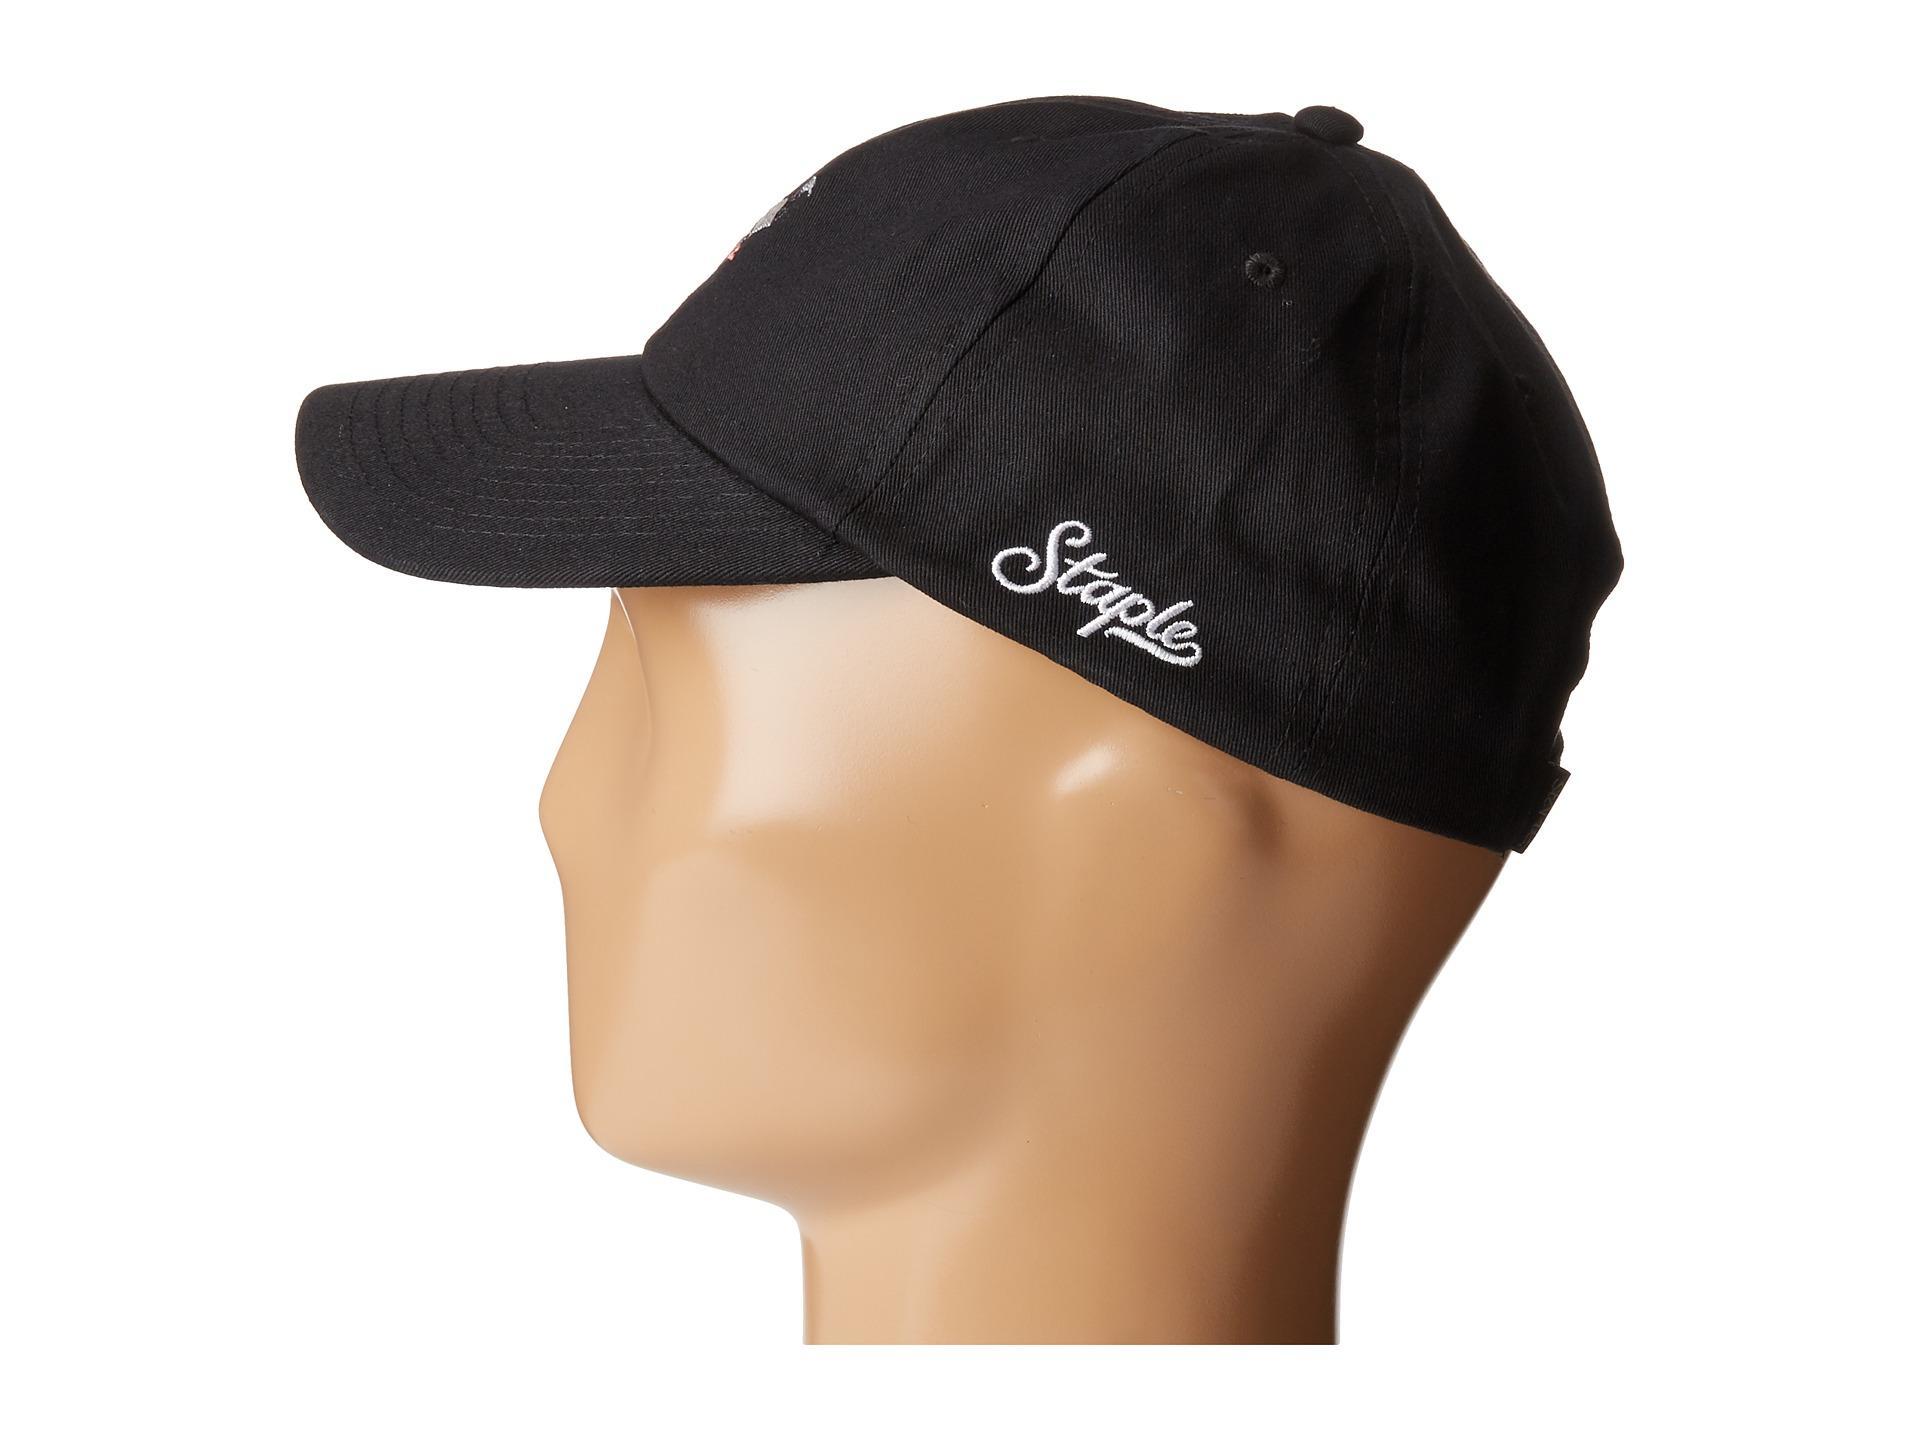 Lyst - Staple Pigeon Script Twill Cap in Black for Men 82ab666e57c8